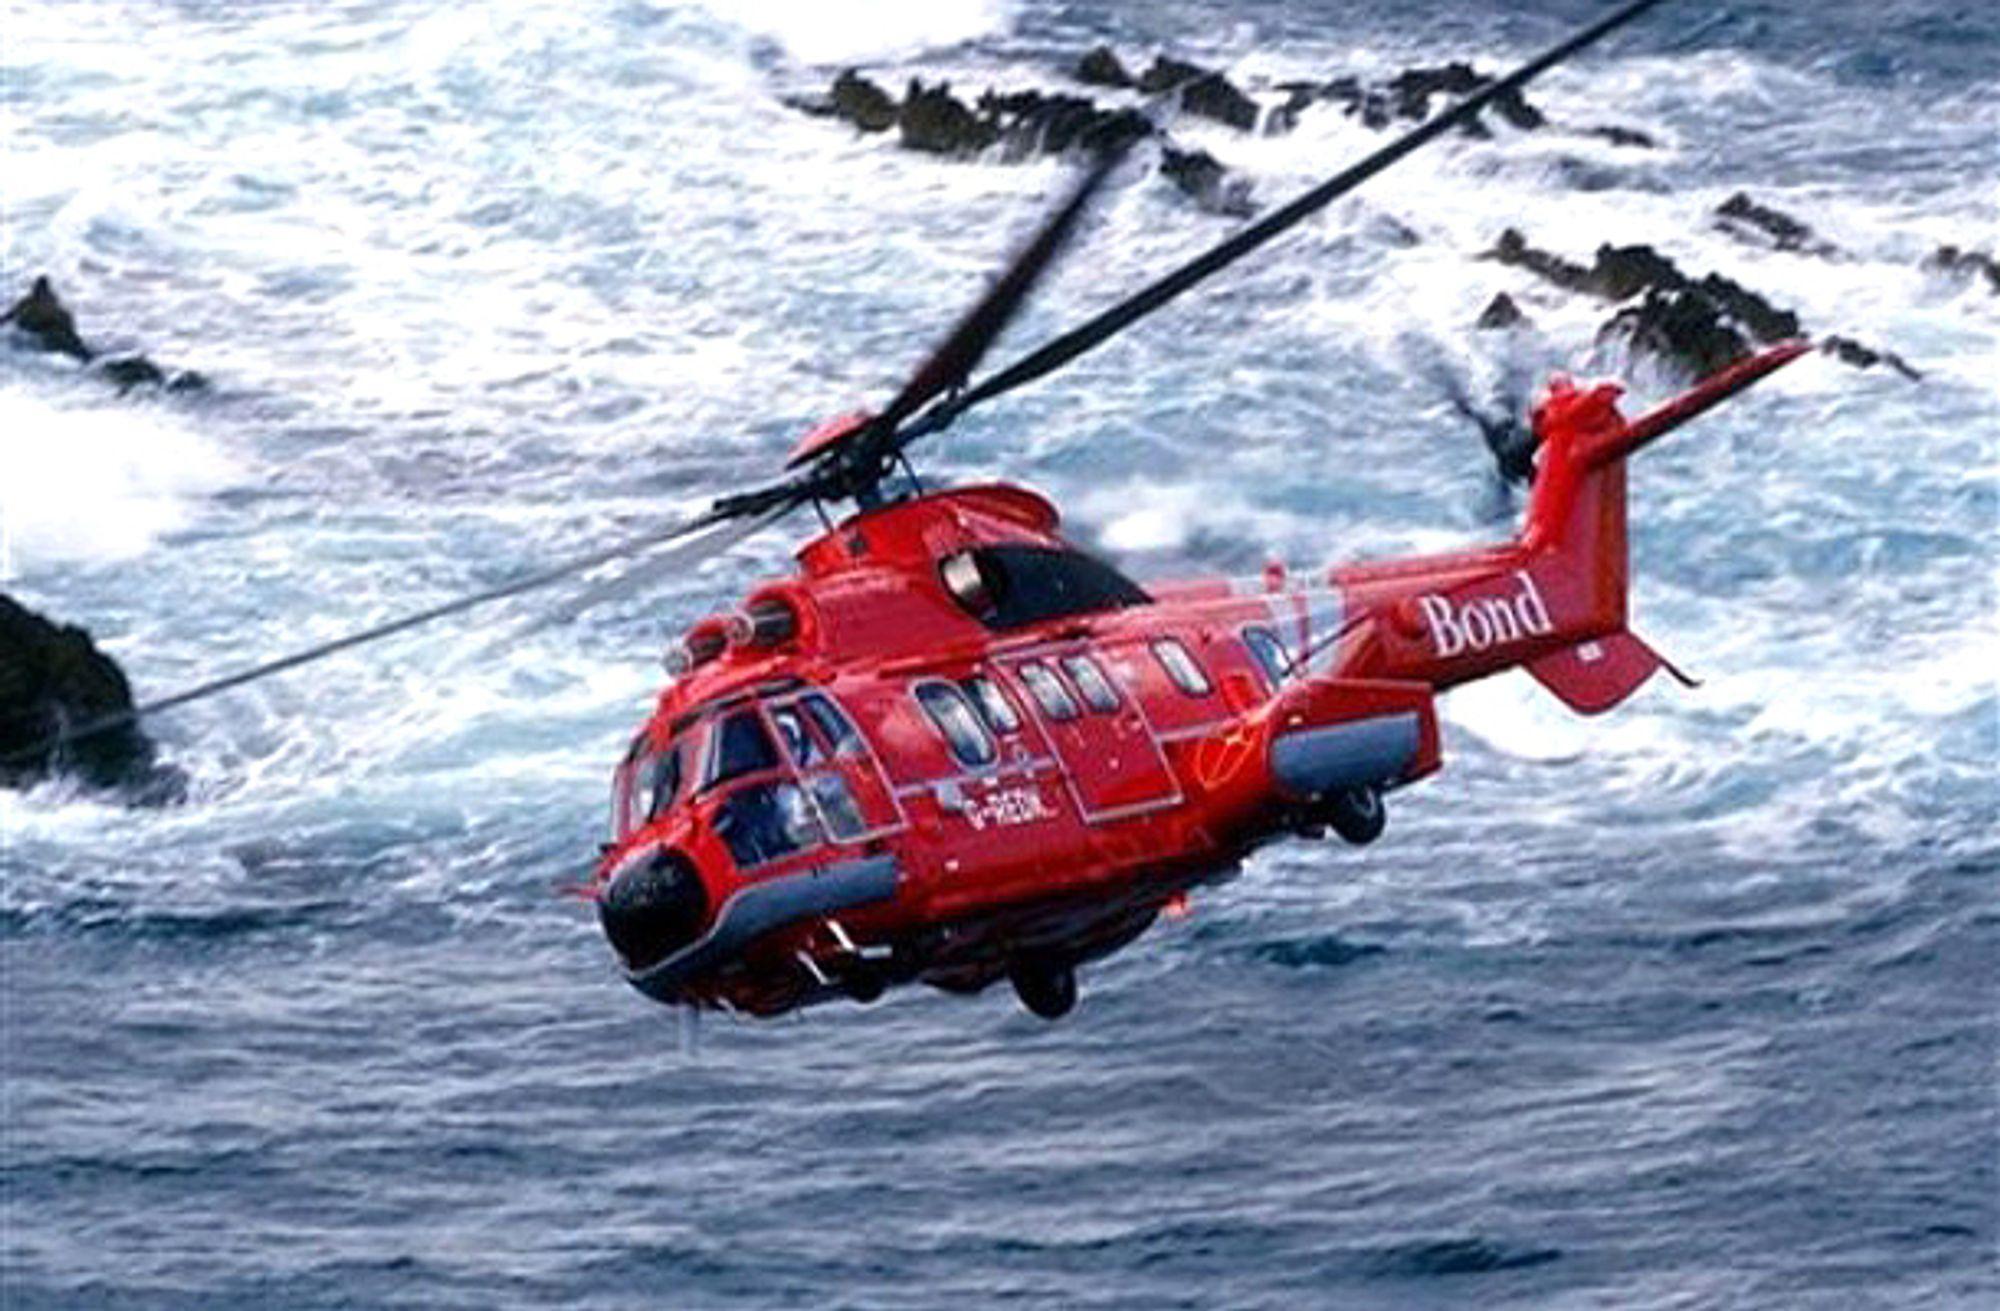 Det var et slikt helikopter, av typen AS332 L2 Super Puma fra Bond Offshore Helicopters, som styrtet i Nordsjøen på vei til Aberdeen 1. april for to og et halvt år siden. Alle 16 om bord omkom.